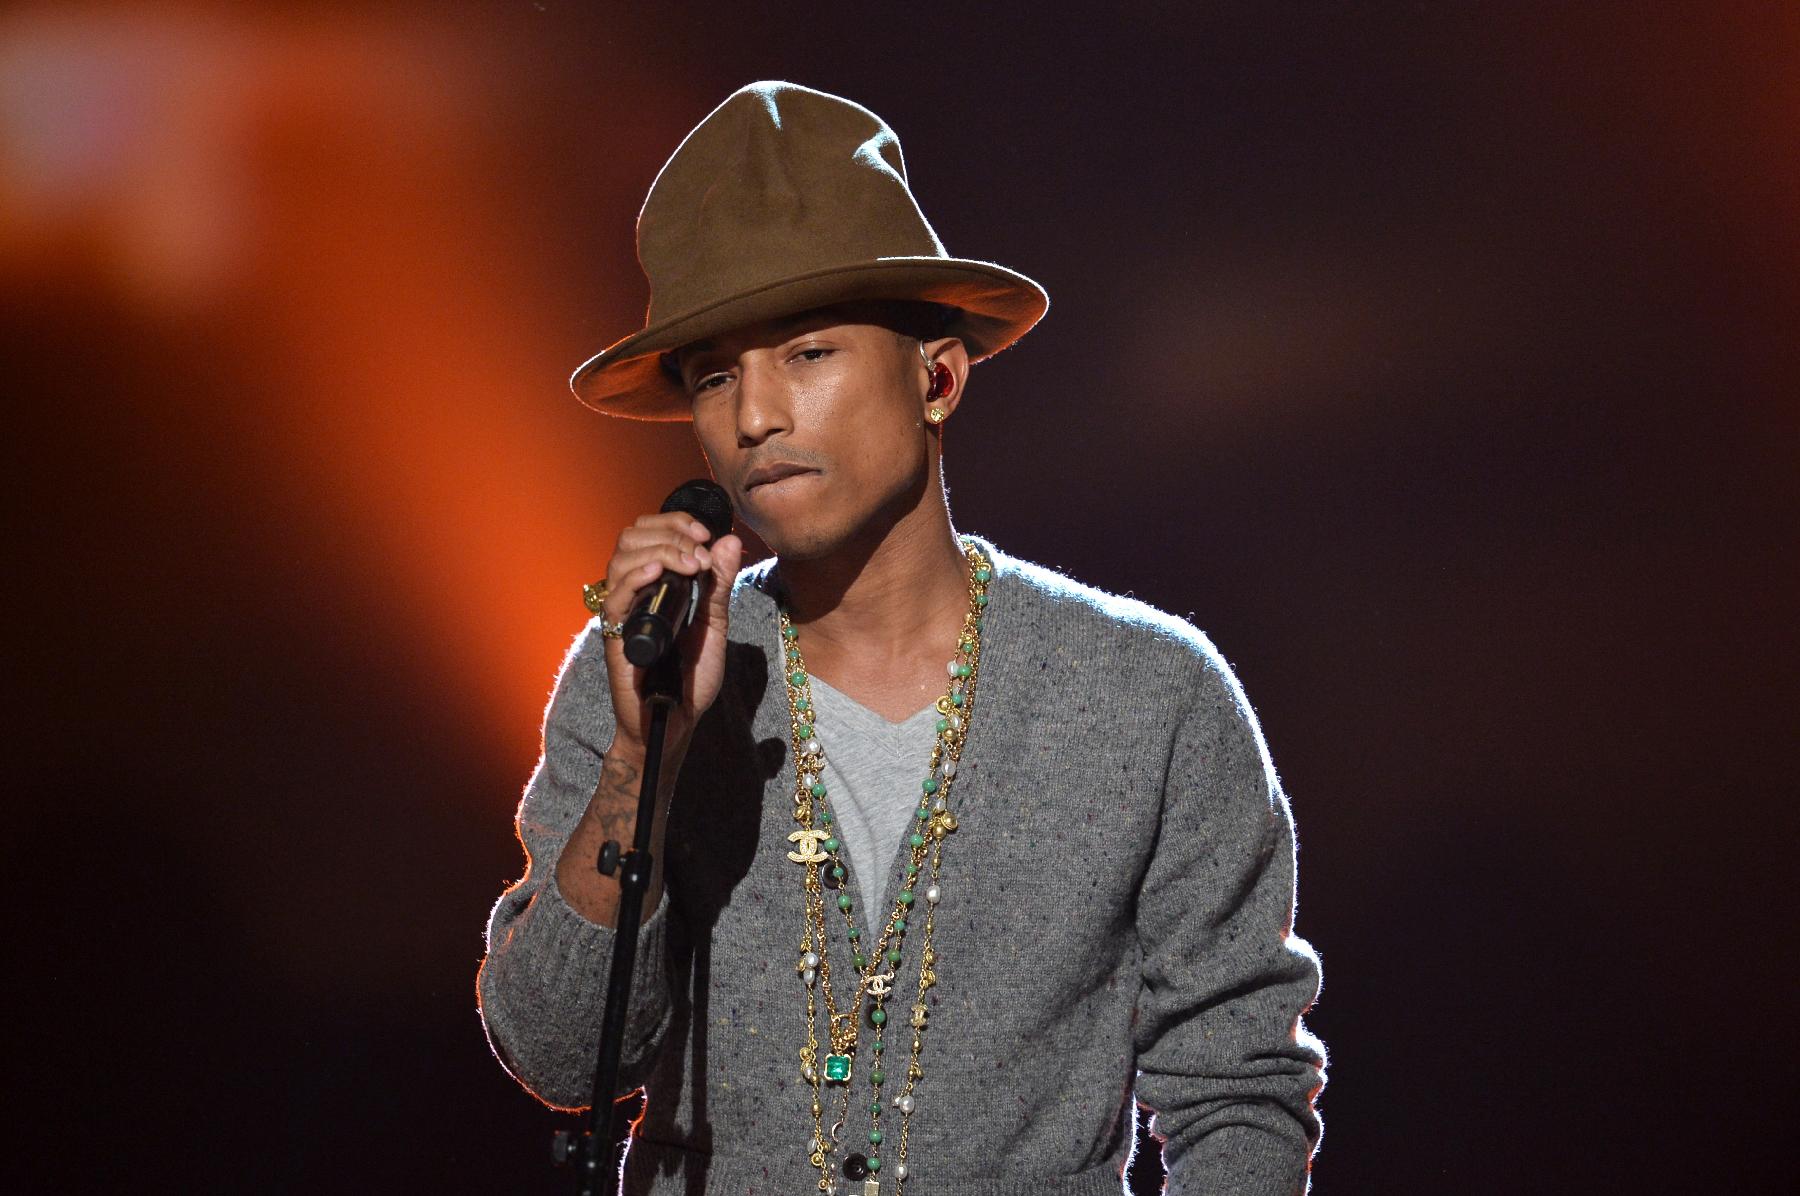 Hear Pharrell's Optimistic 'Girl' Bonus Track 'Smile'